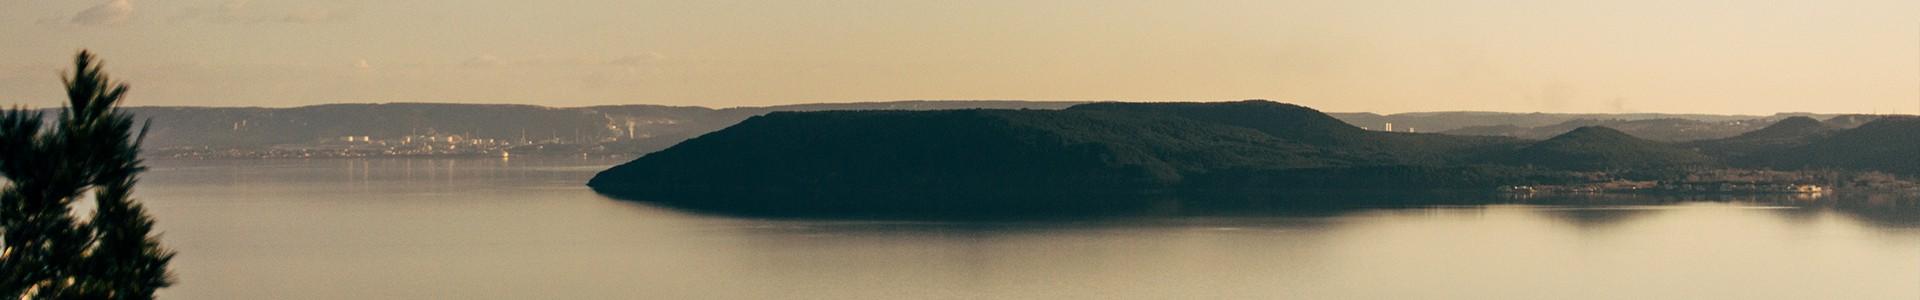 L'étang de Berre